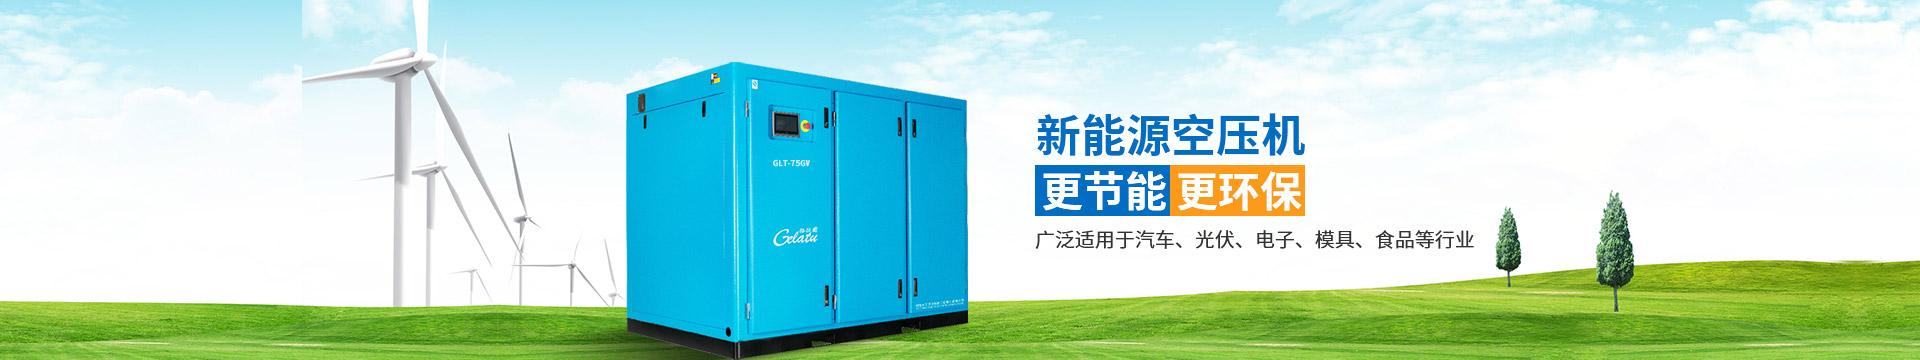 格拉图新能源空压机更节能,更环保